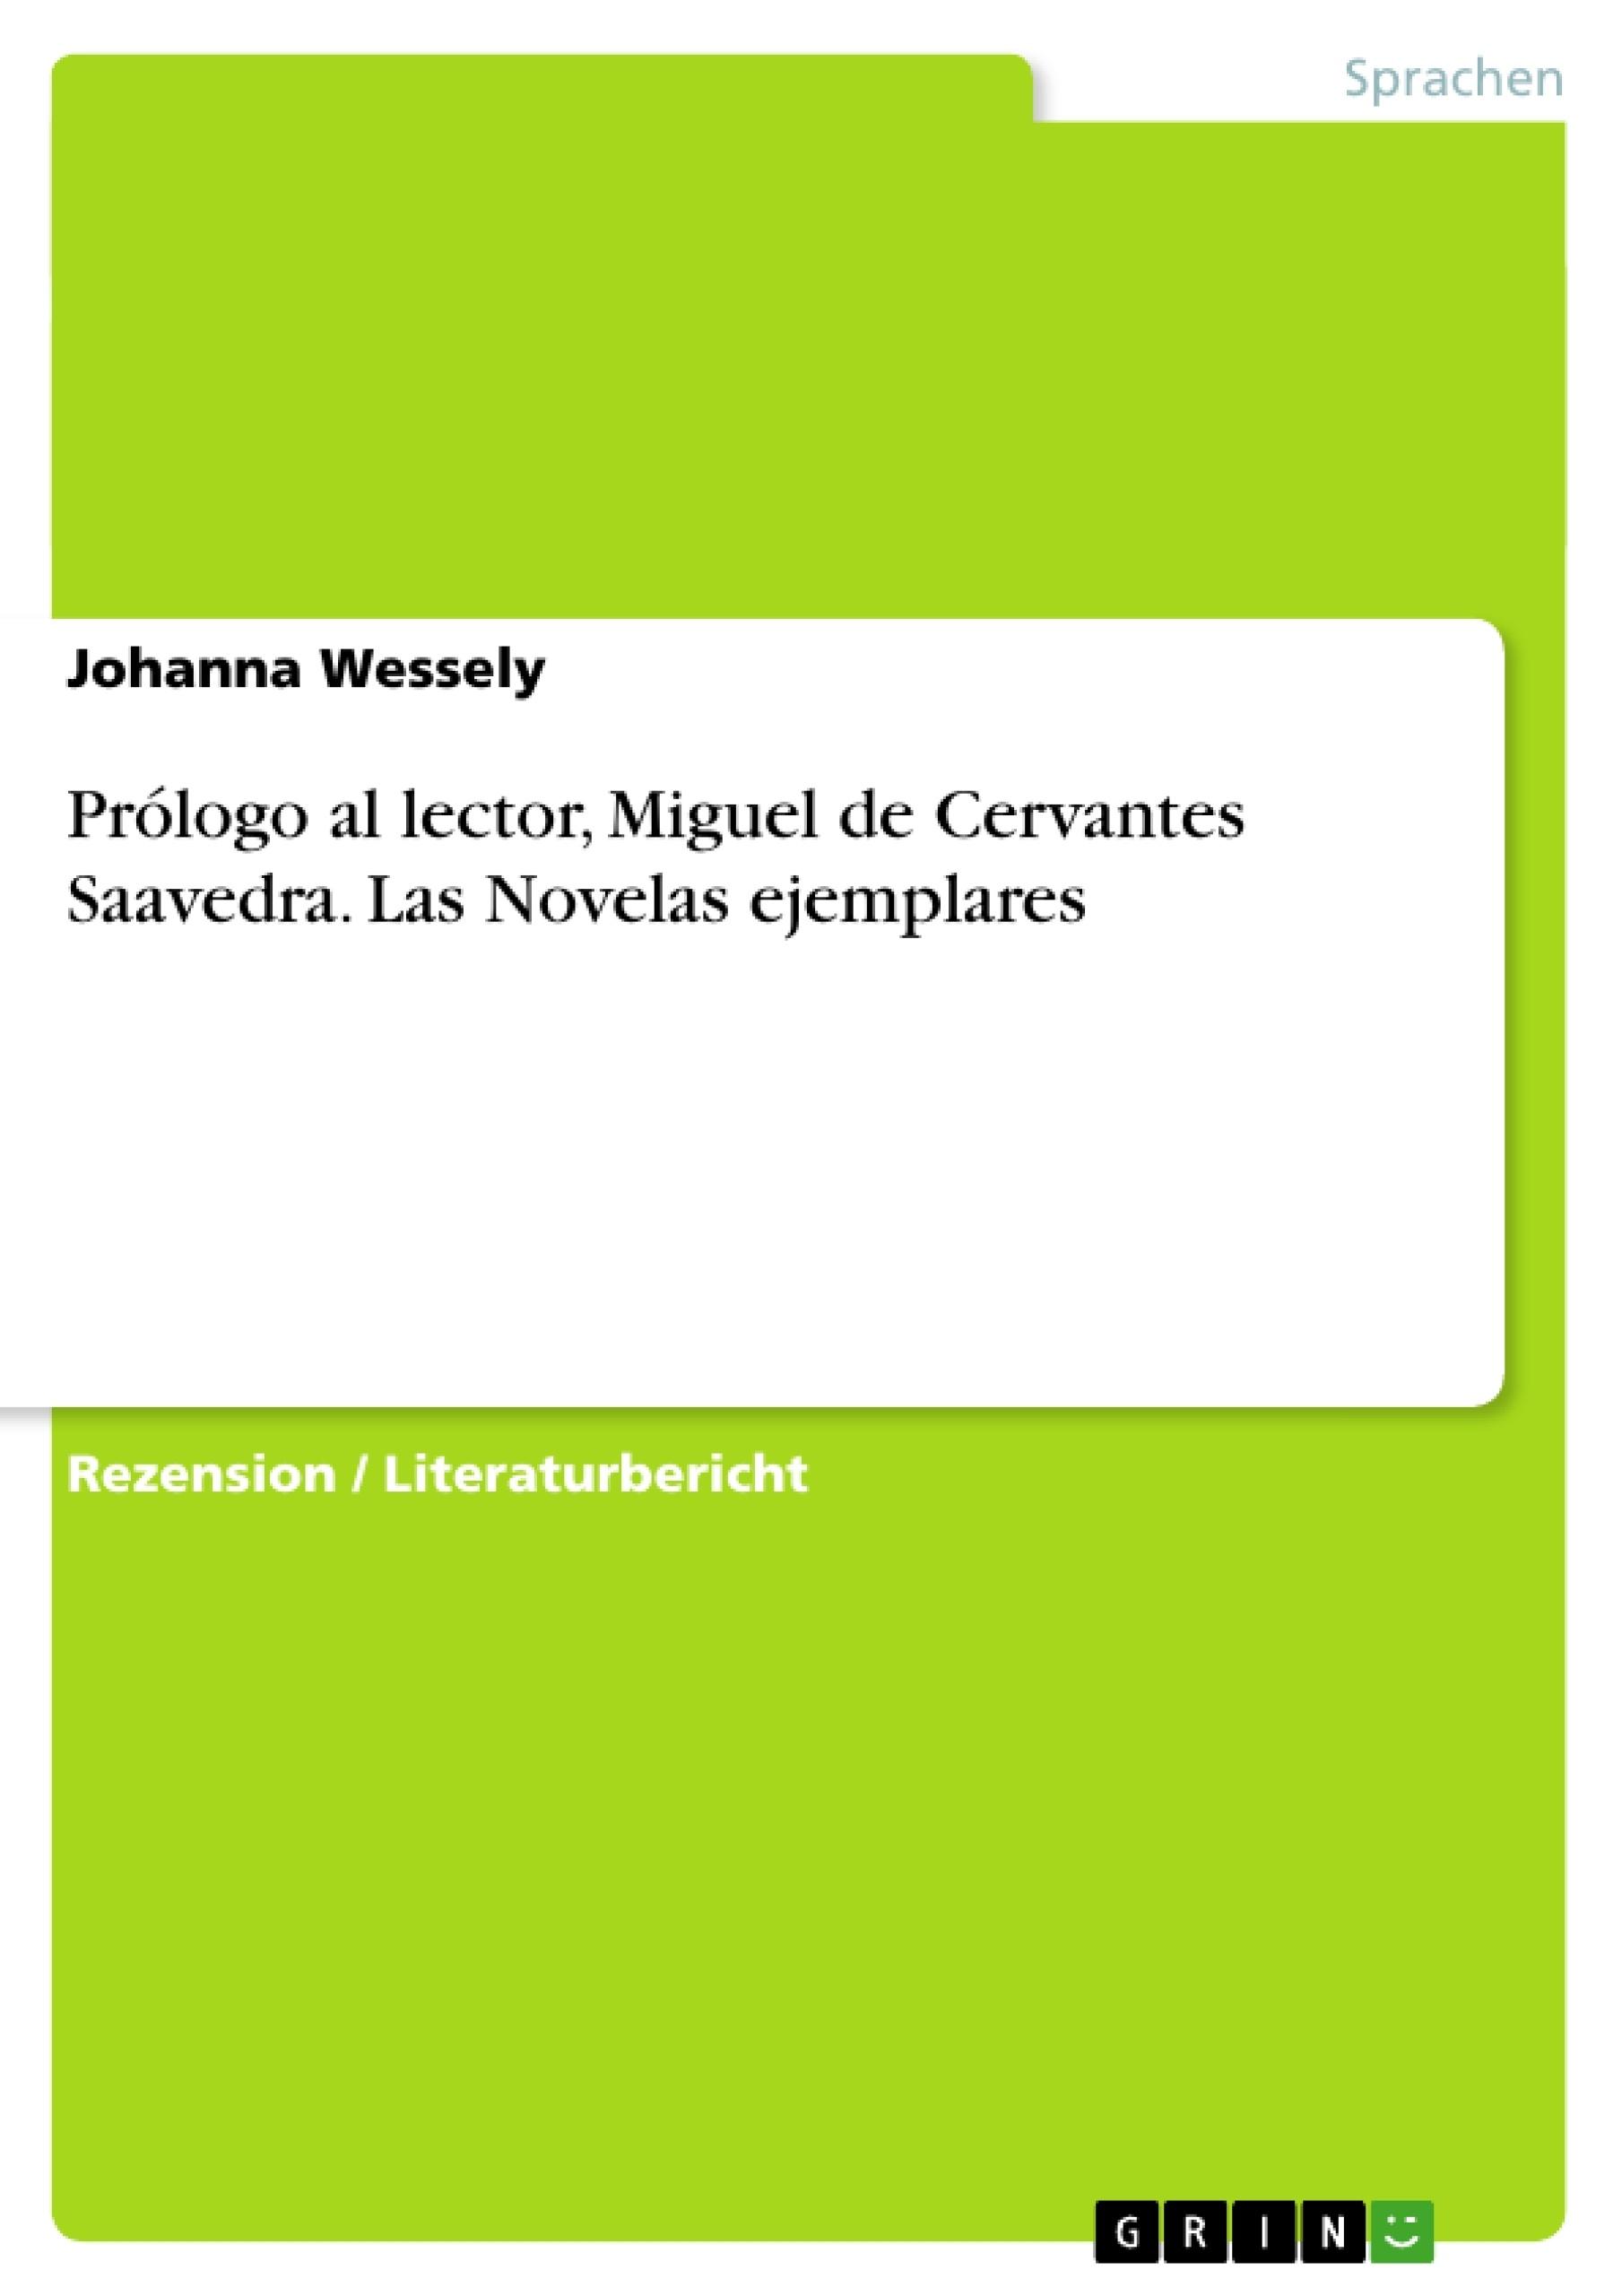 Titel: Prólogo al lector, Miguel de Cervantes Saavedra. Las Novelas ejemplares